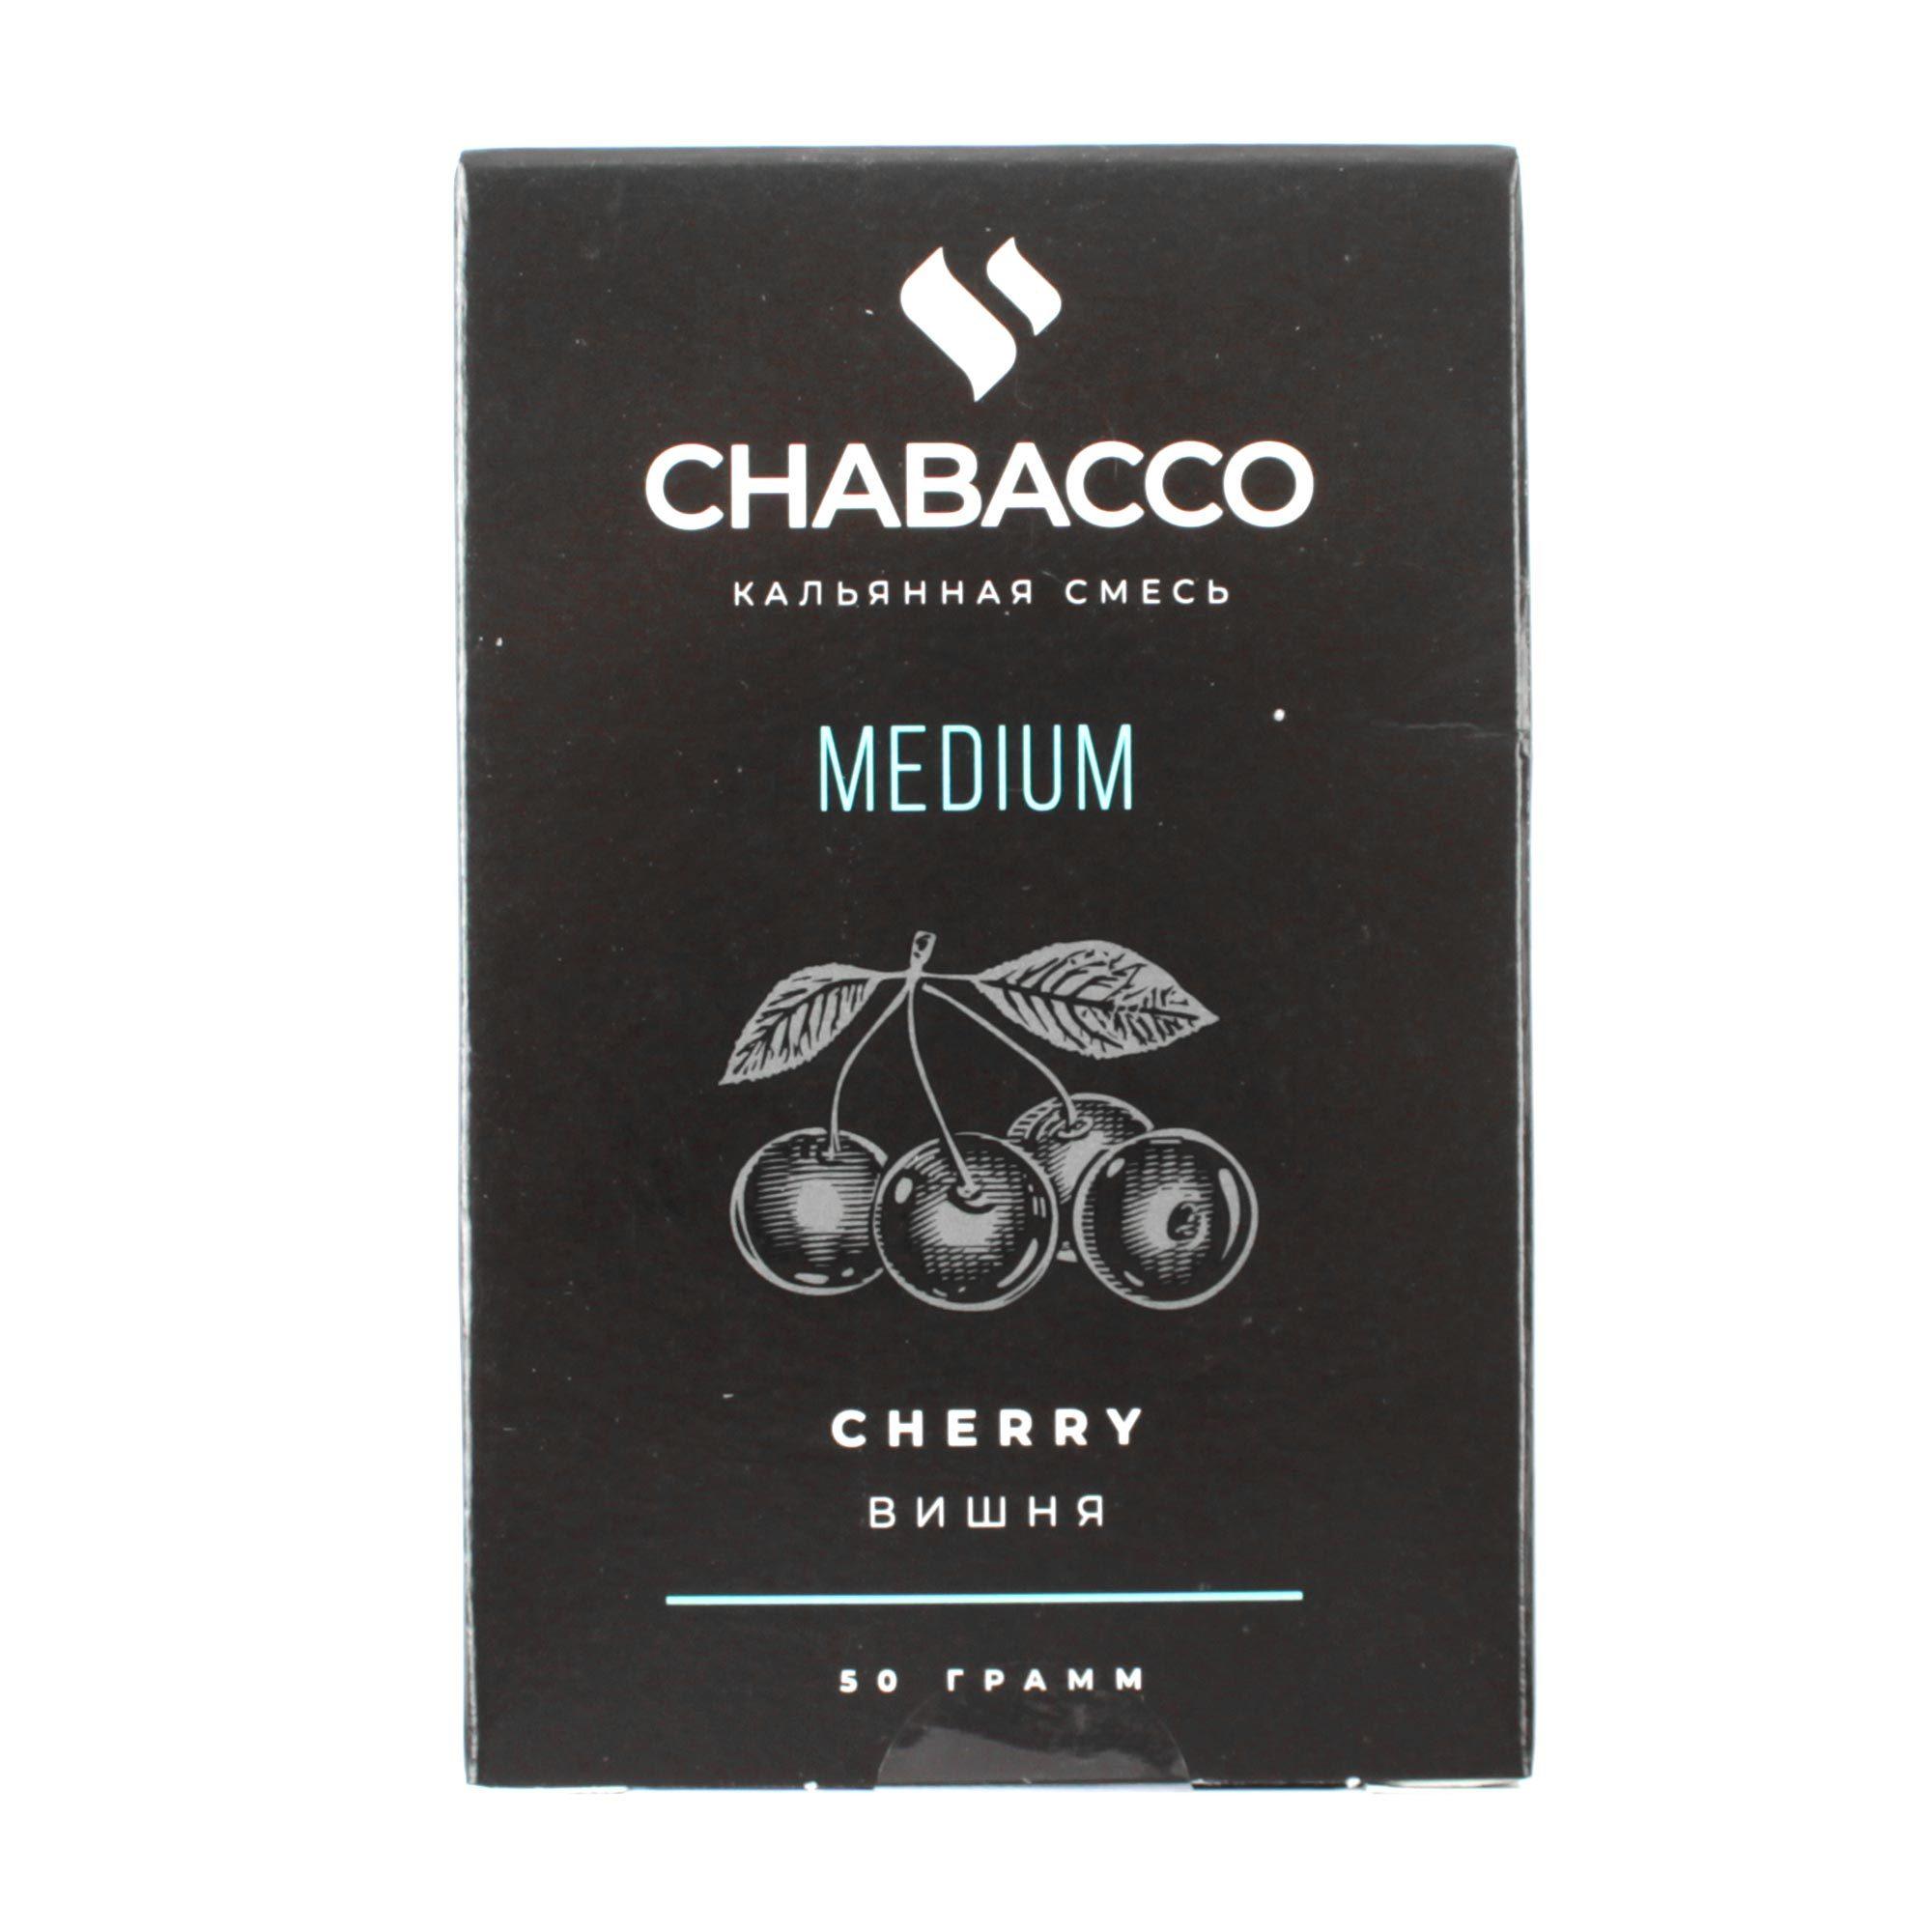 Кальянная смесь Chabacco Medium 50 гр Cherry